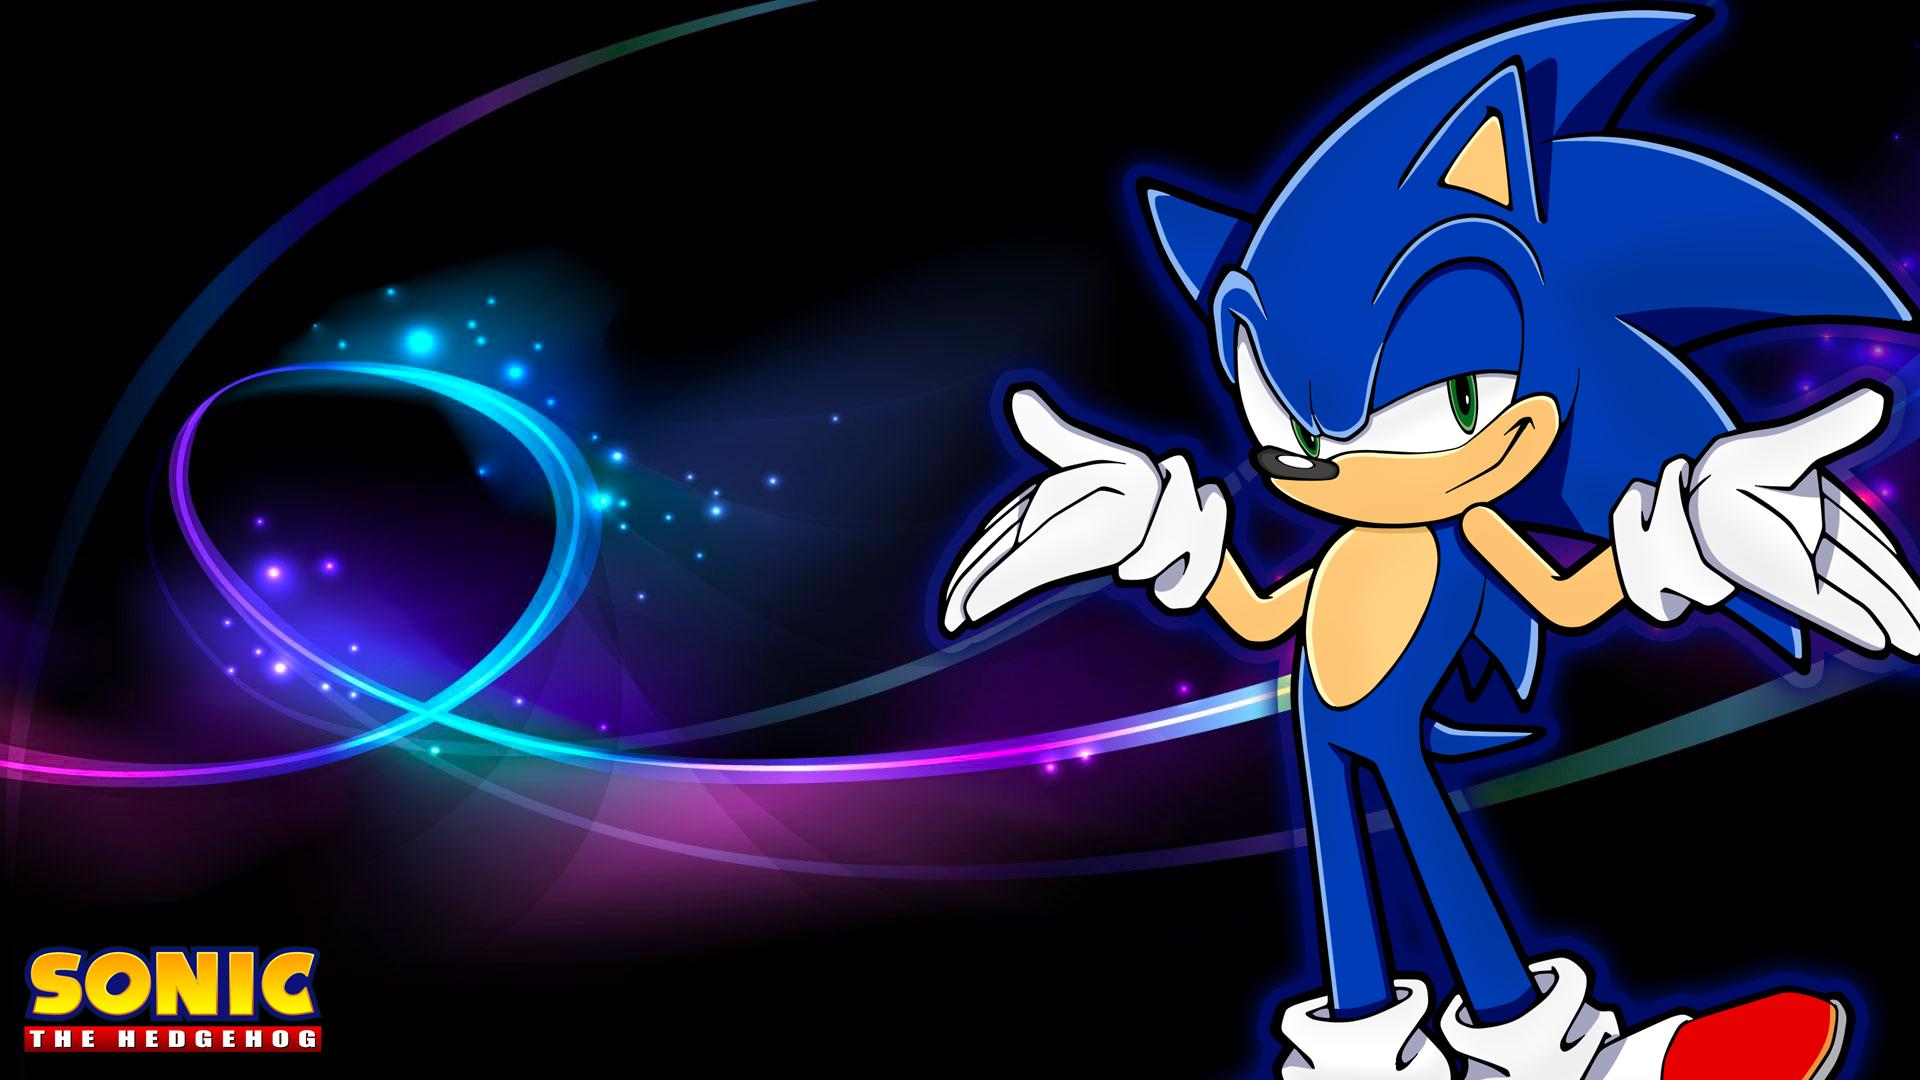 HD Sonic Wallpaper 1080p - WallpaperSafari